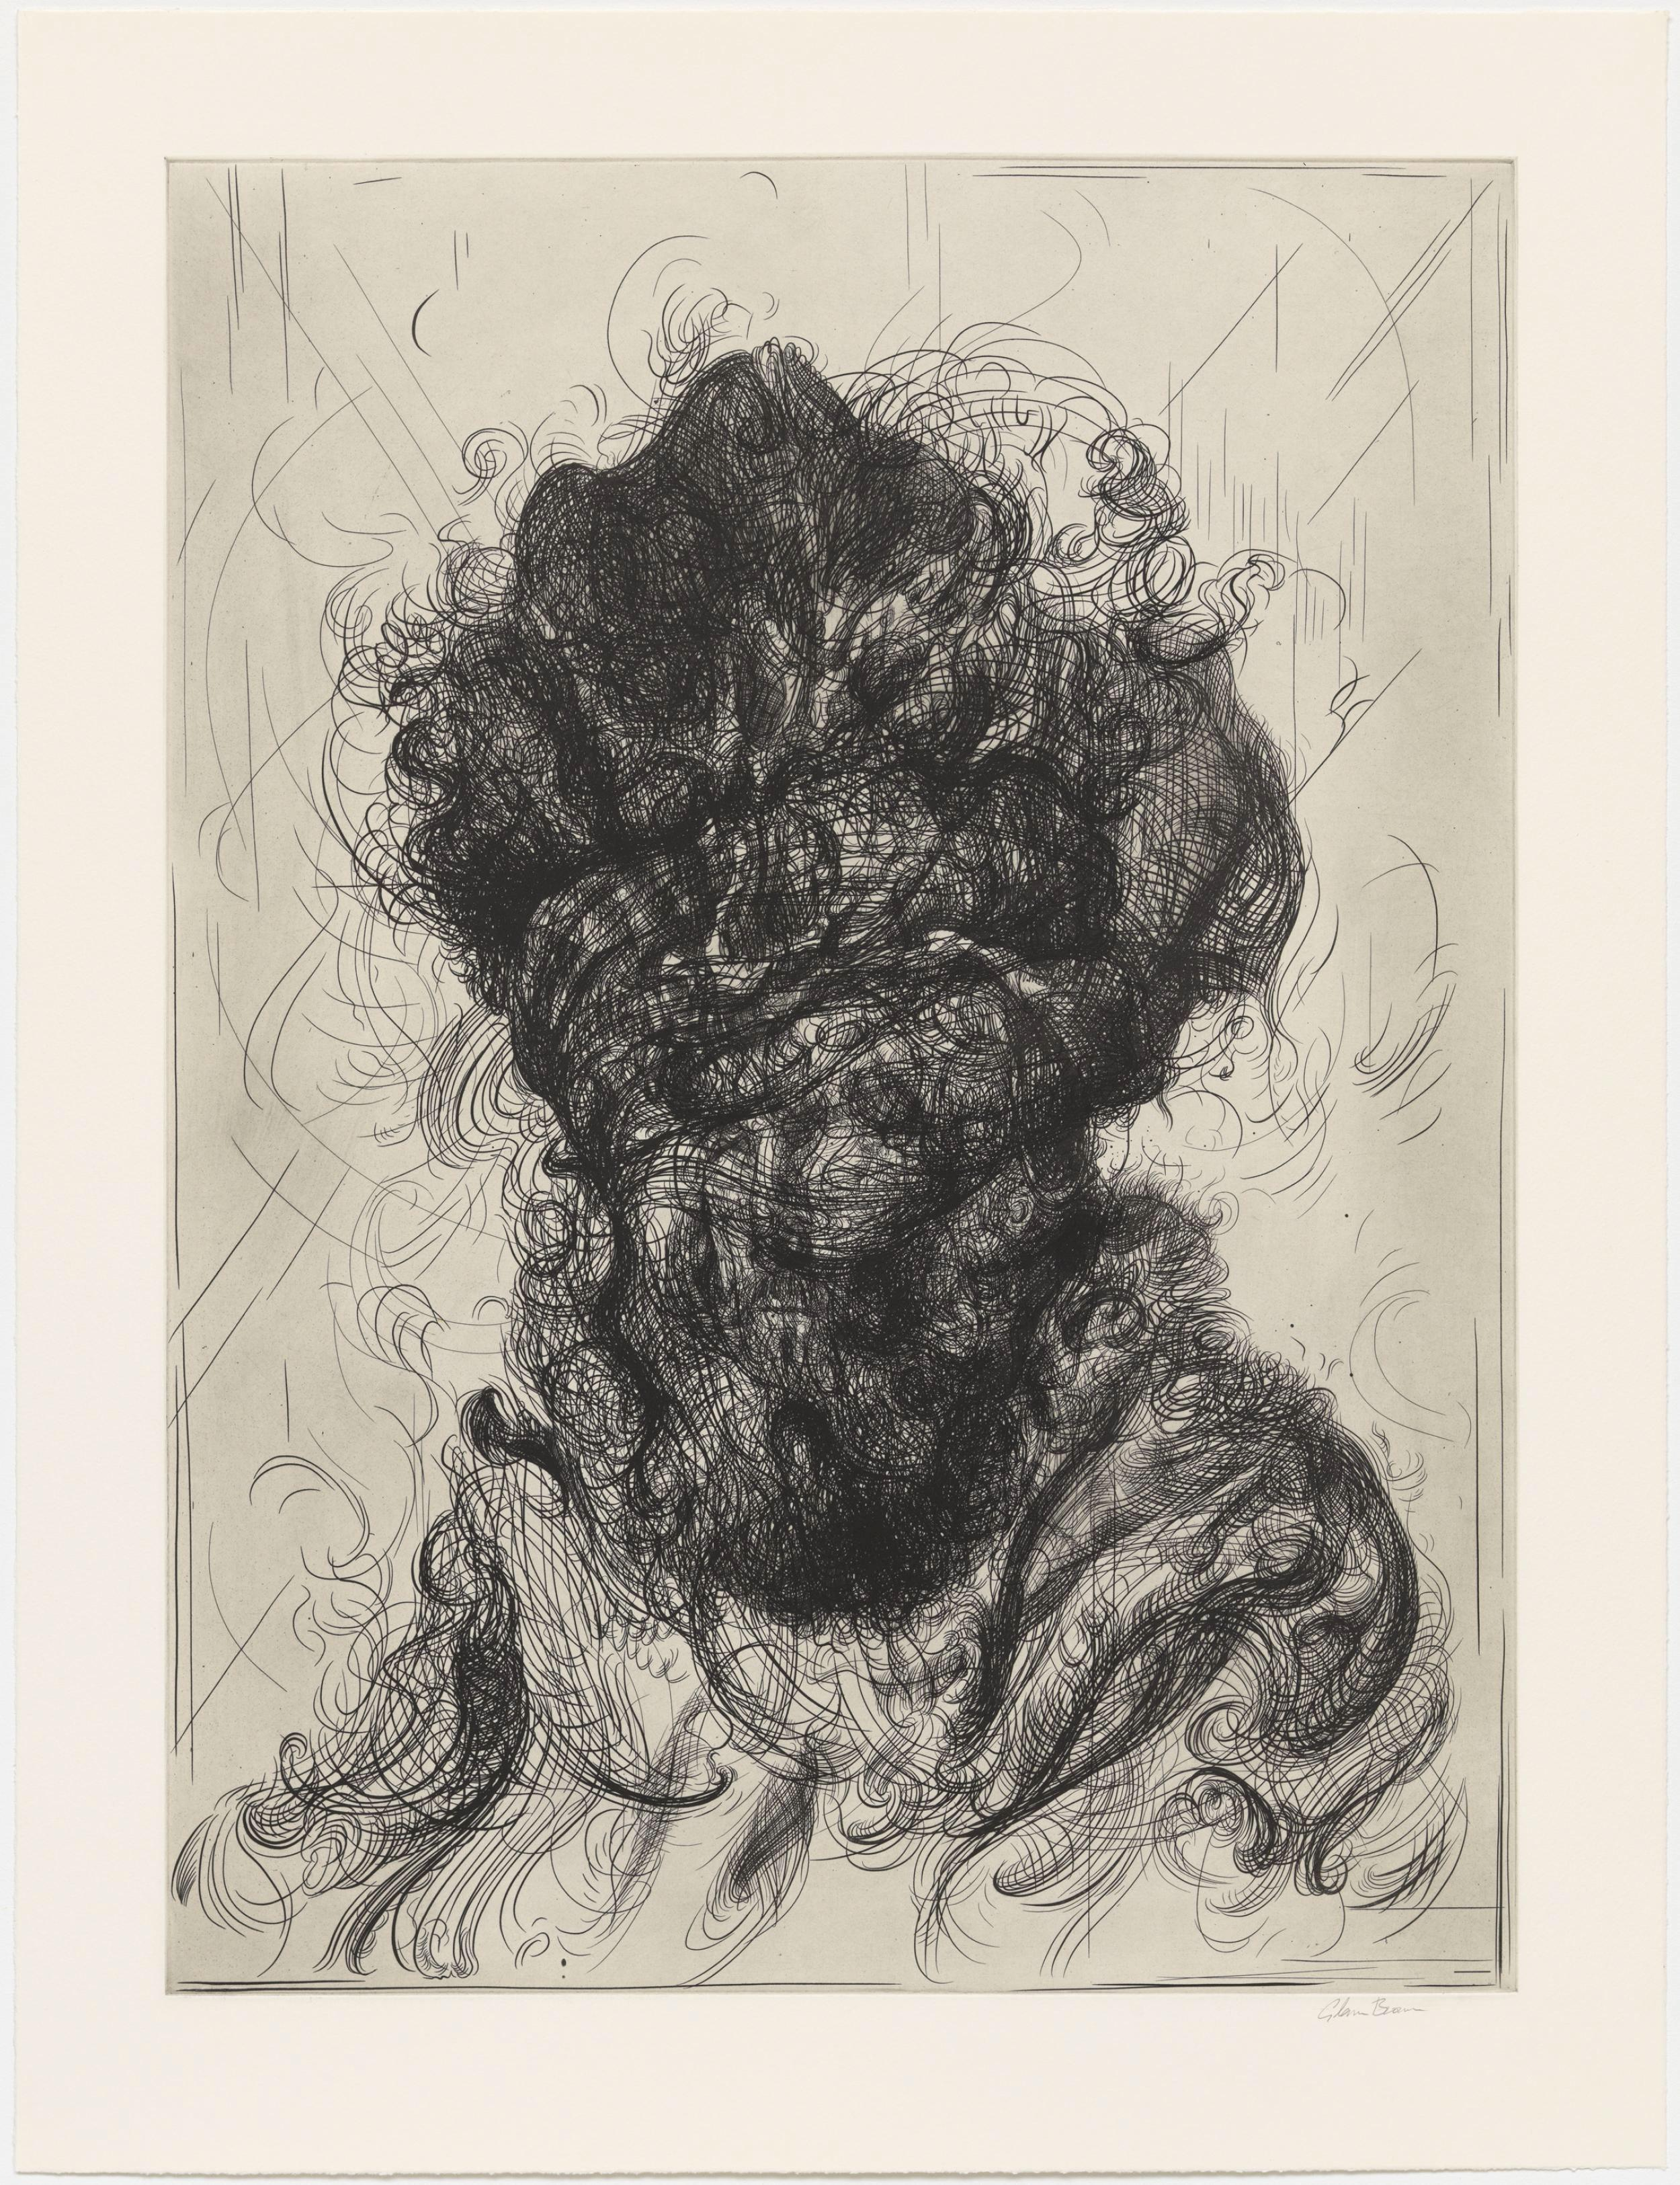 Glenn Brown, Half-Life #5 (after Rembrandt), Etching, 2017